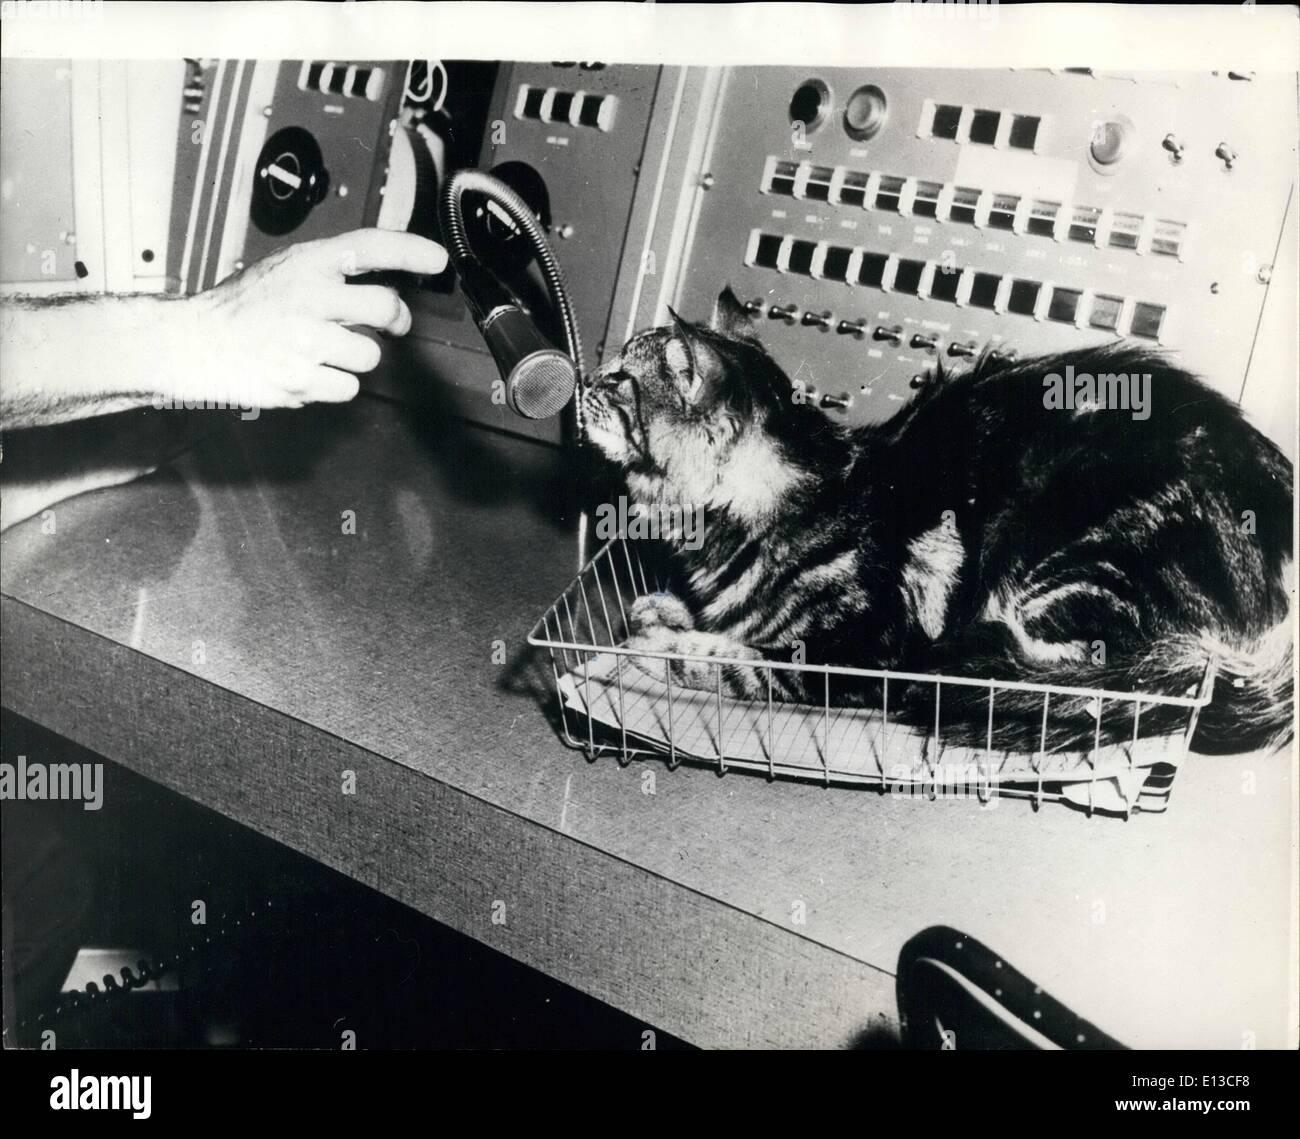 Erfreut Katzen Die Drähte Kauen Bilder - Der Schaltplan - greigo.com